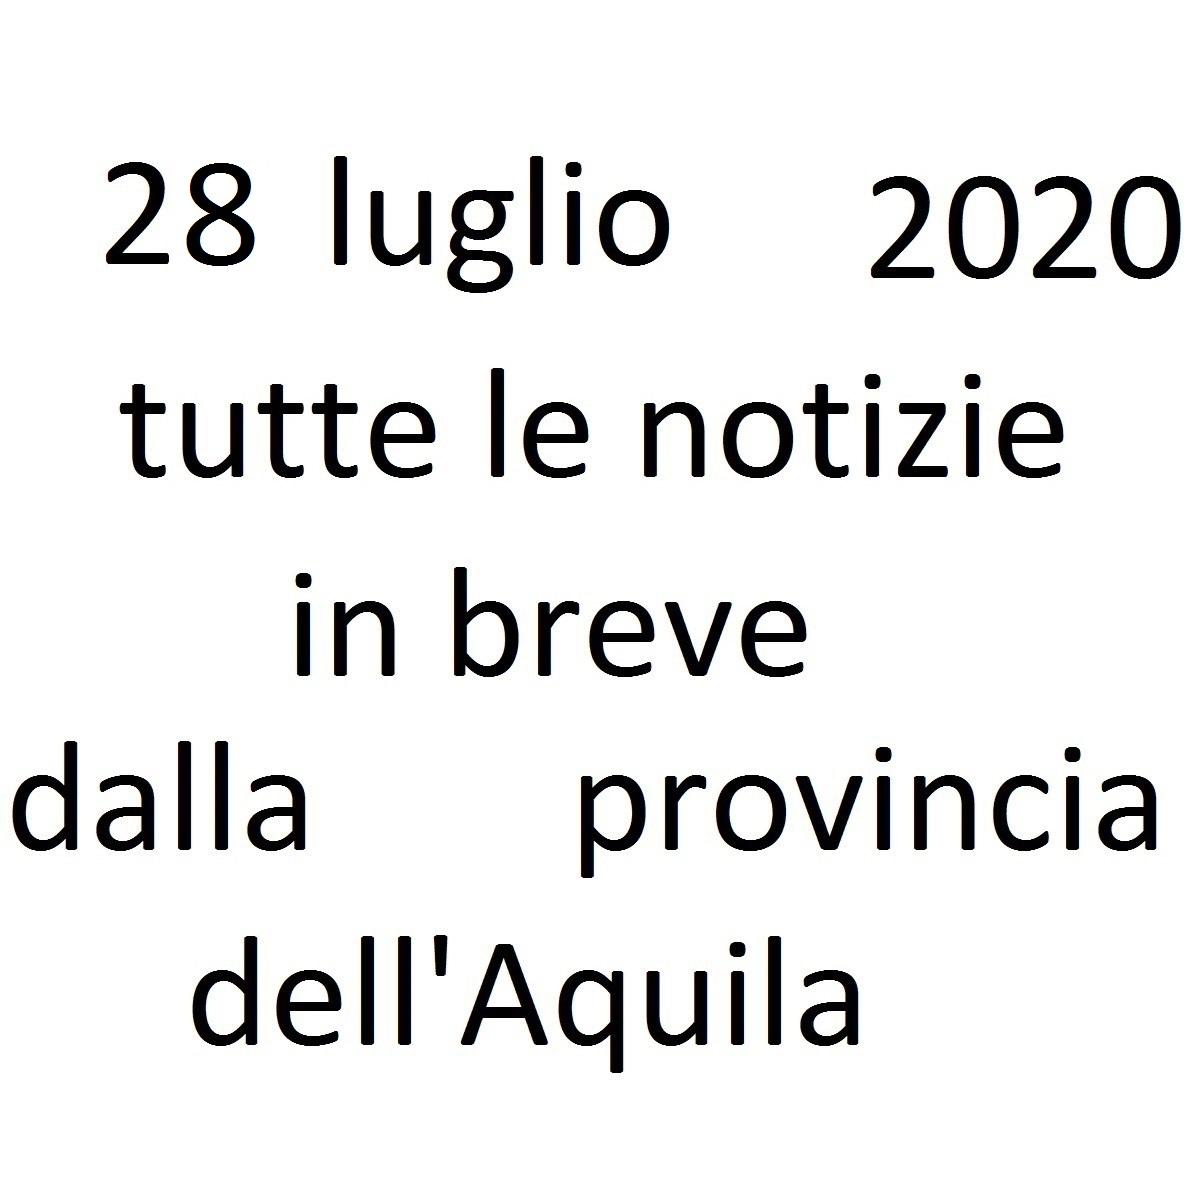 28 luglio 2020 notizie in breve dalla Provincia dell'Aquila foto